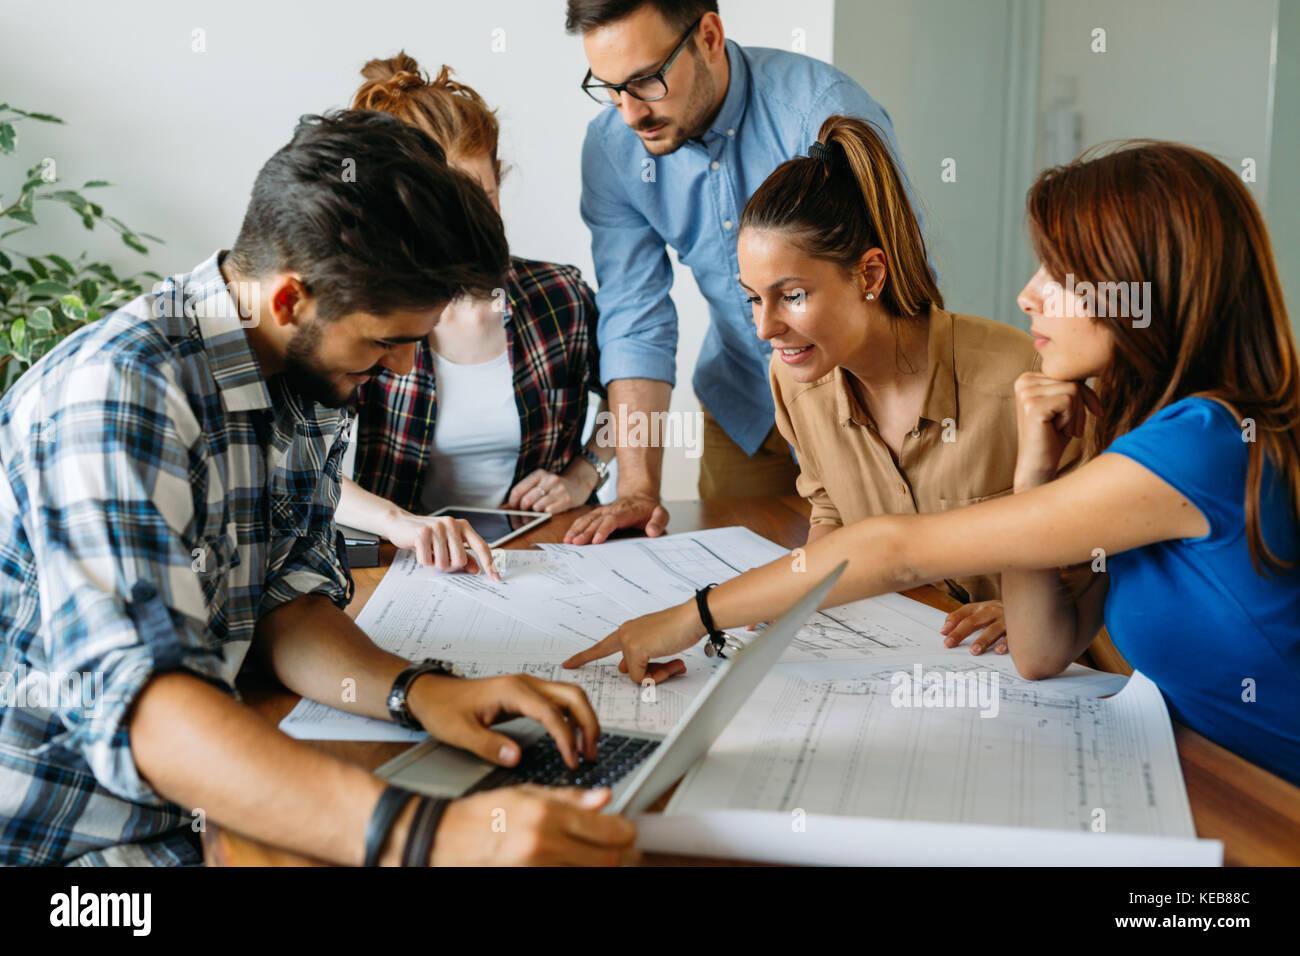 Bild von Geschäftspartnern über Dokumente und Ideen Stockbild